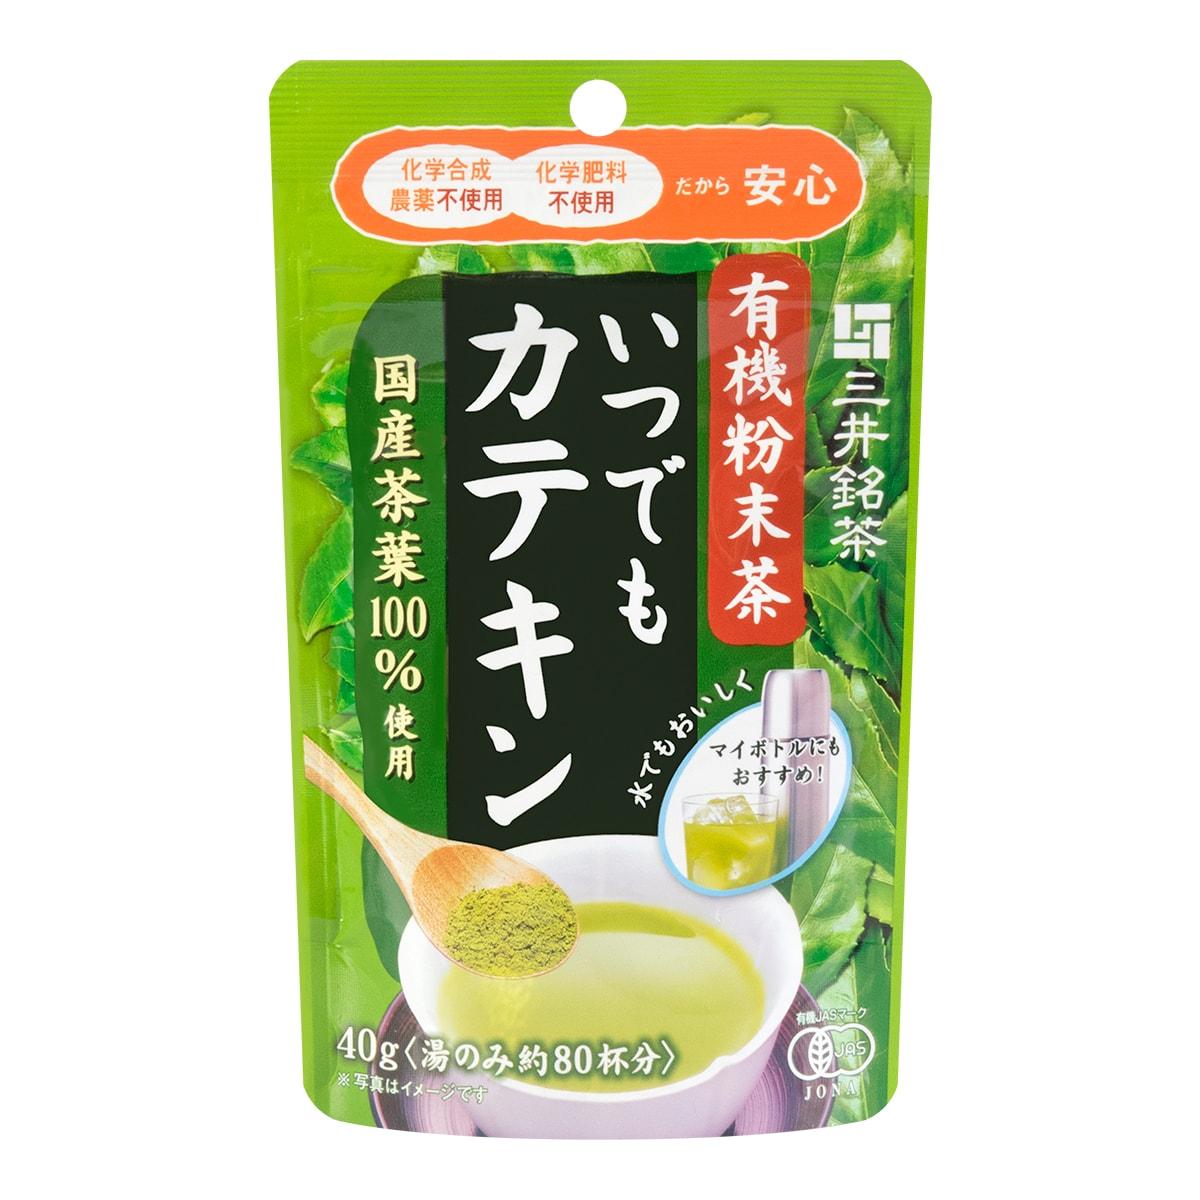 日本三井铭茶 有机抹茶粉 40g 80杯份 JAS认证